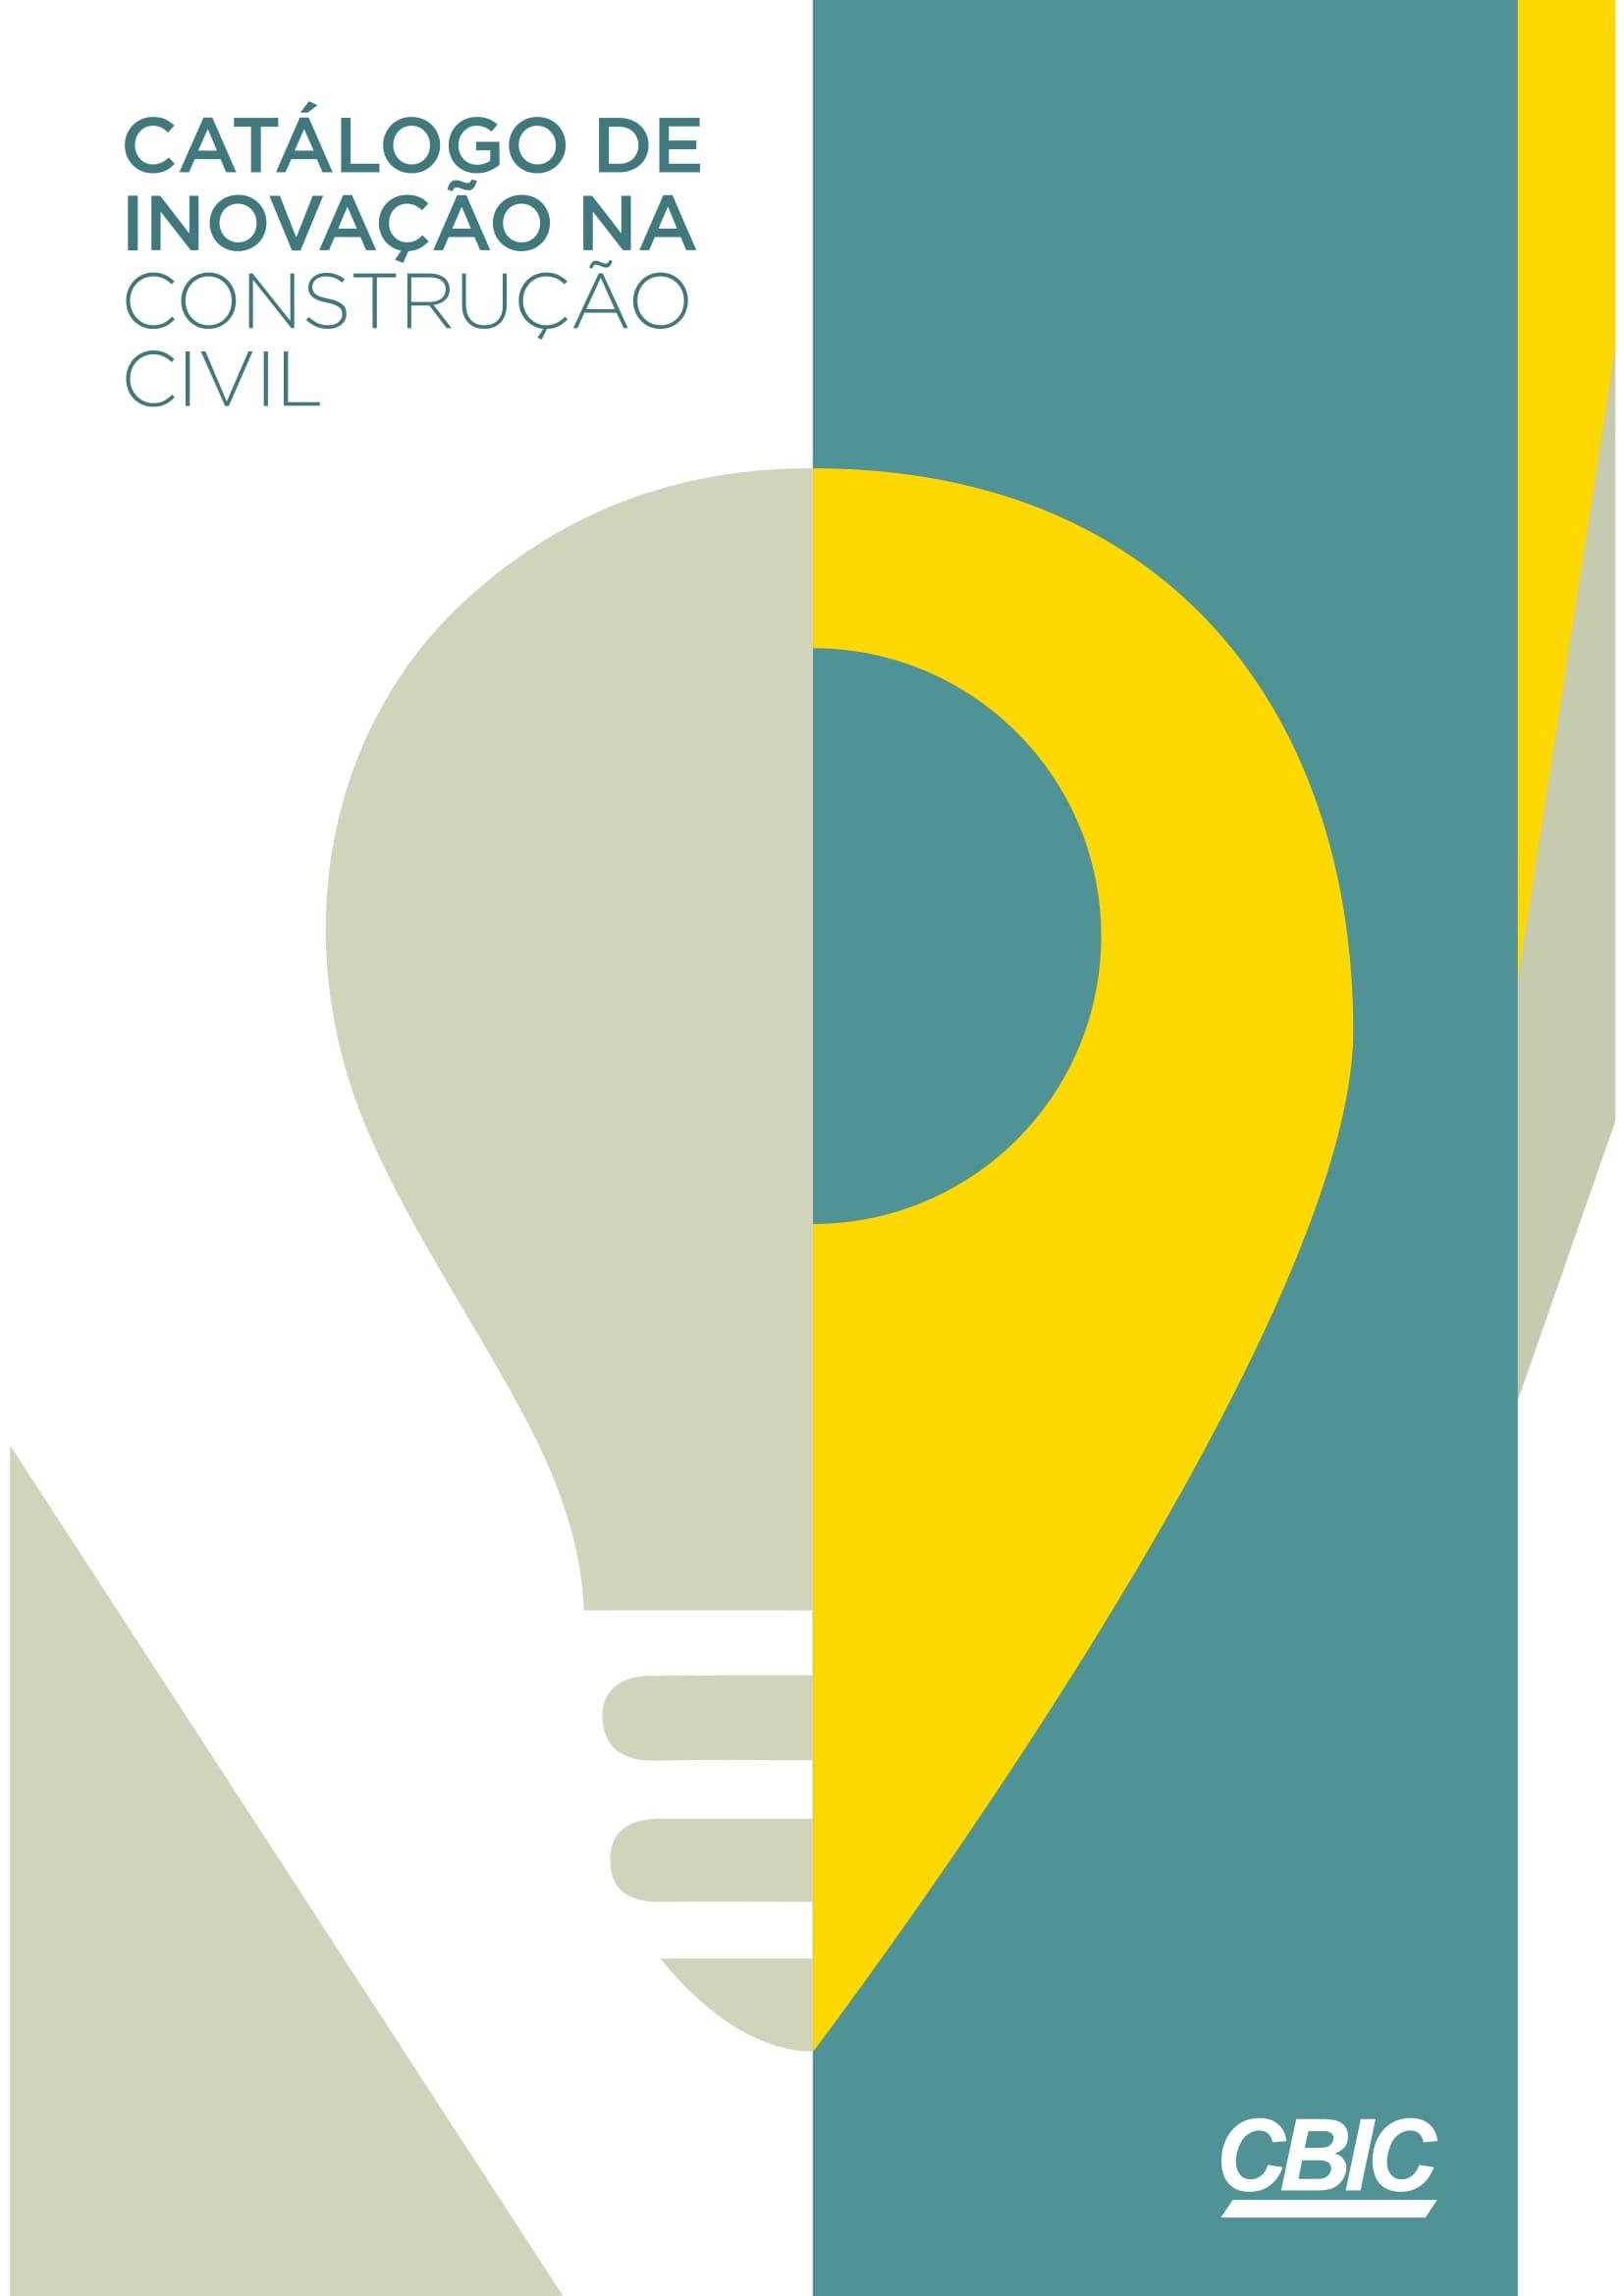 29ce13260 Capa_Catalogo_de_Inovacao_na_Construcao_Civil_2016-1.jpg